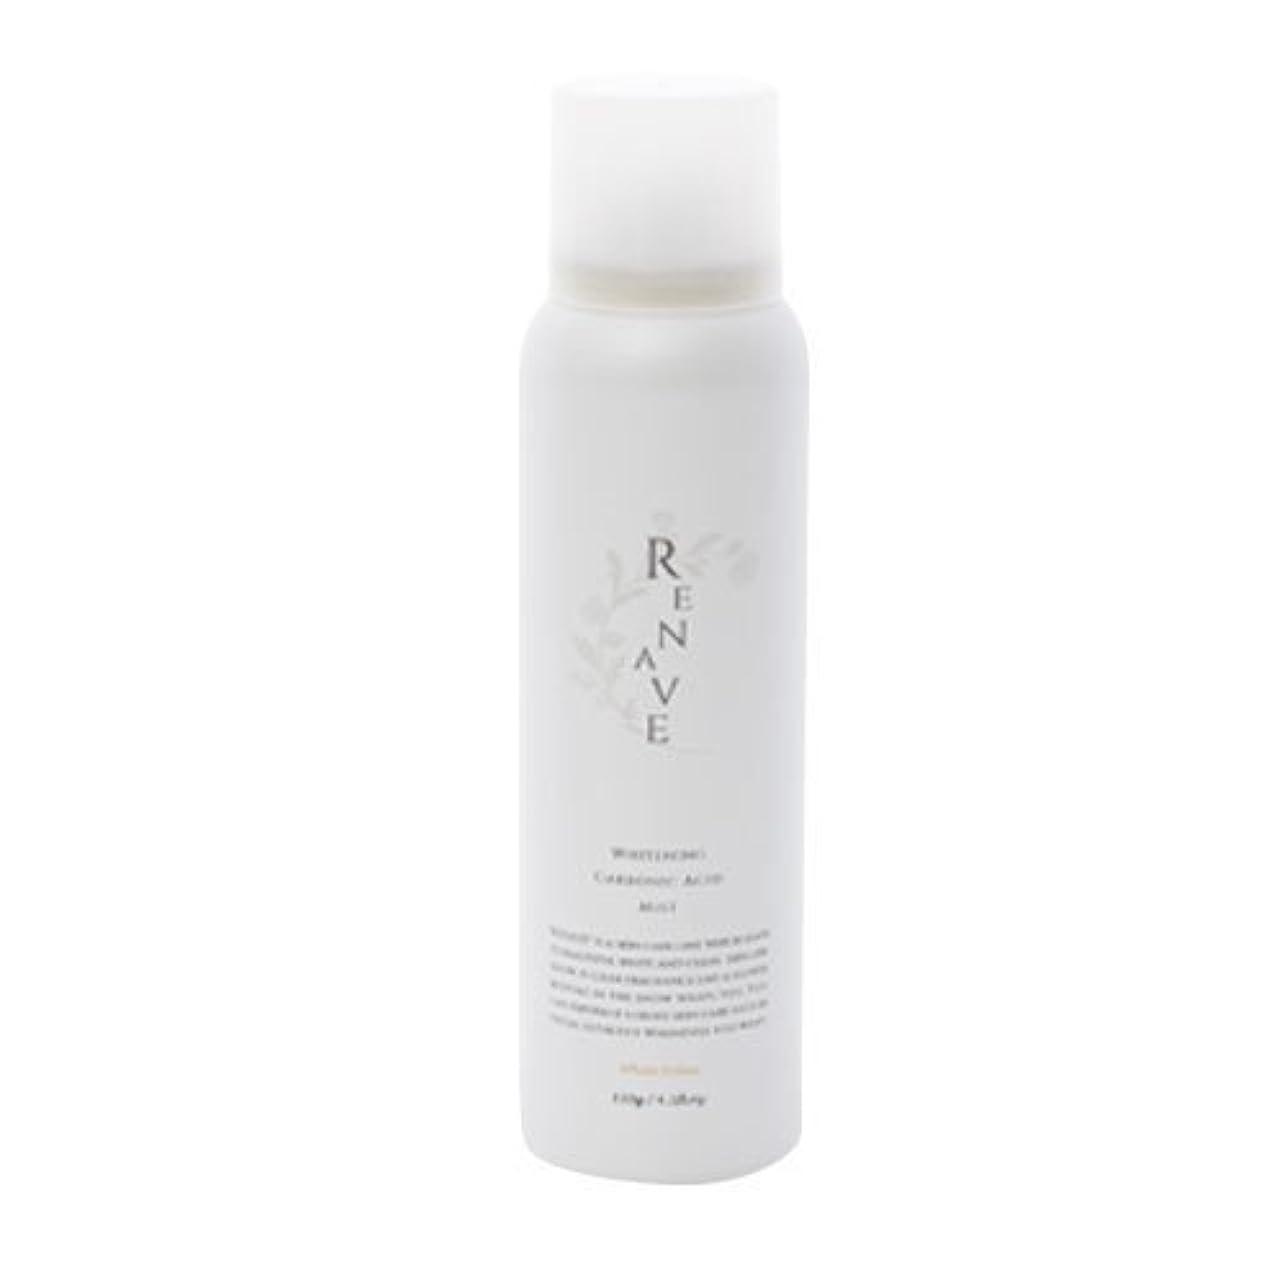 やけどピット威するRENAVE(リネーヴェ) 高濃度炭酸ミスト 薬用美白化粧水 120ml